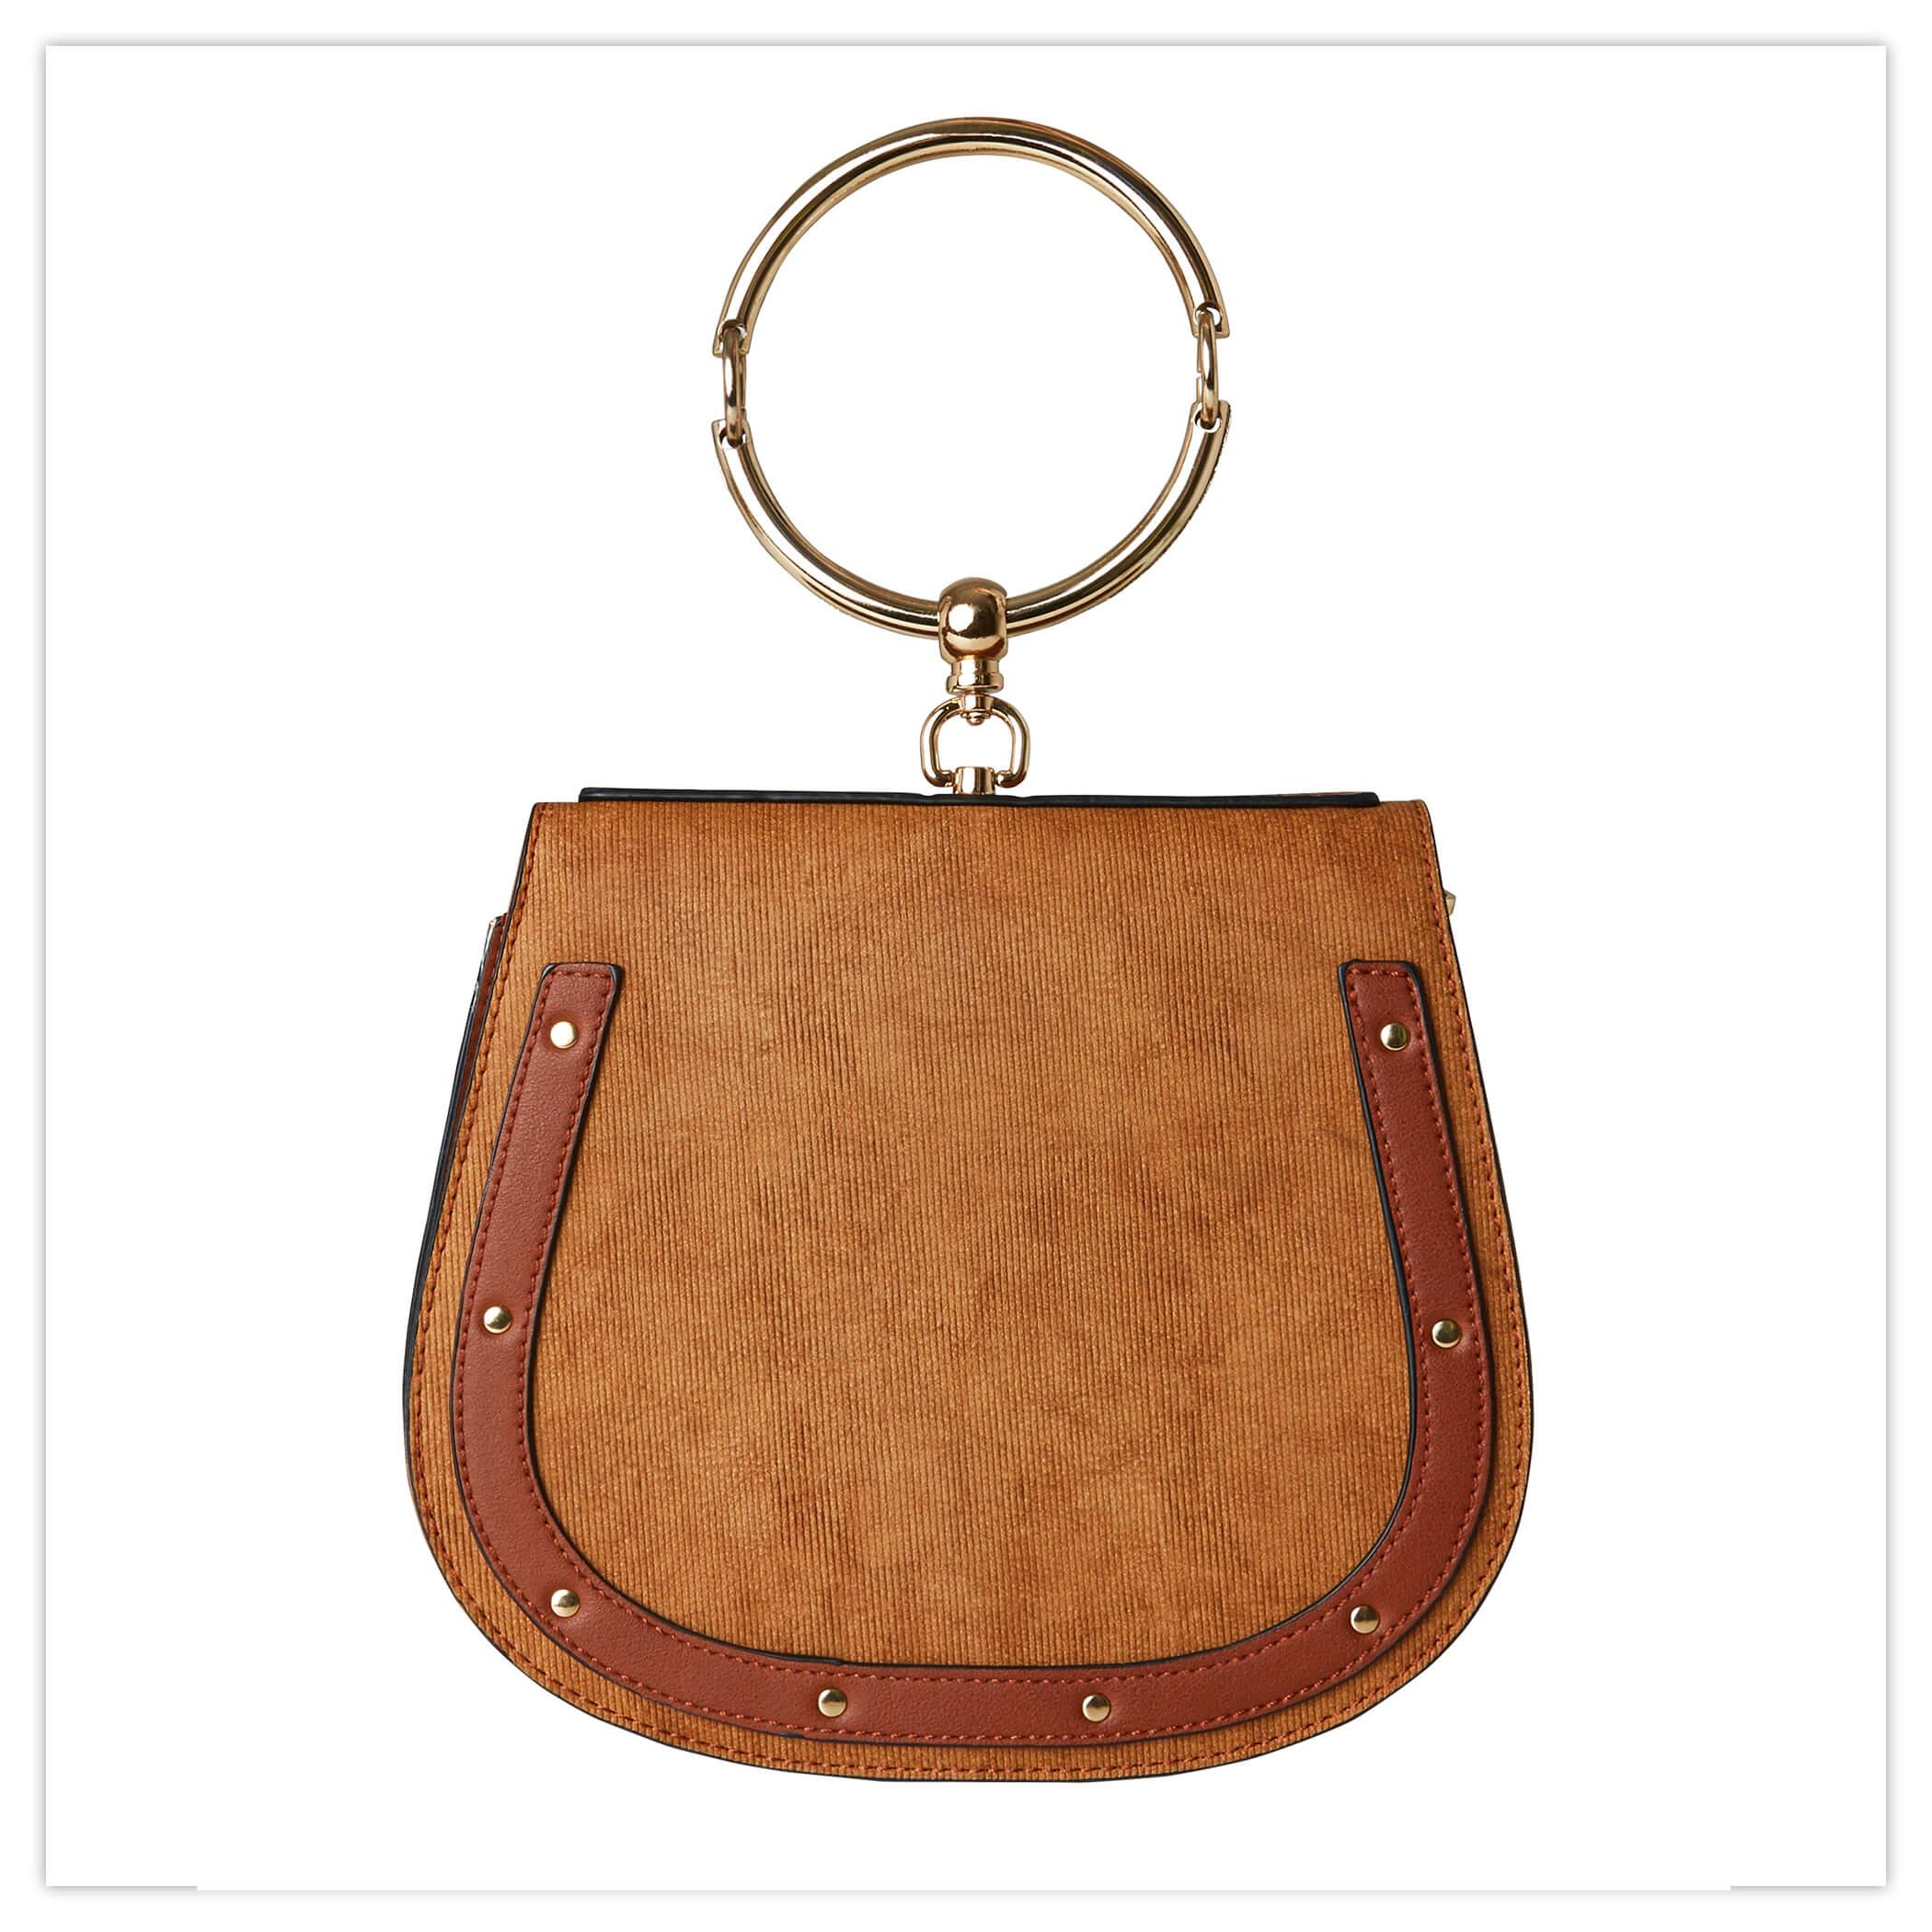 Joe Browns Studded Saddle Bag